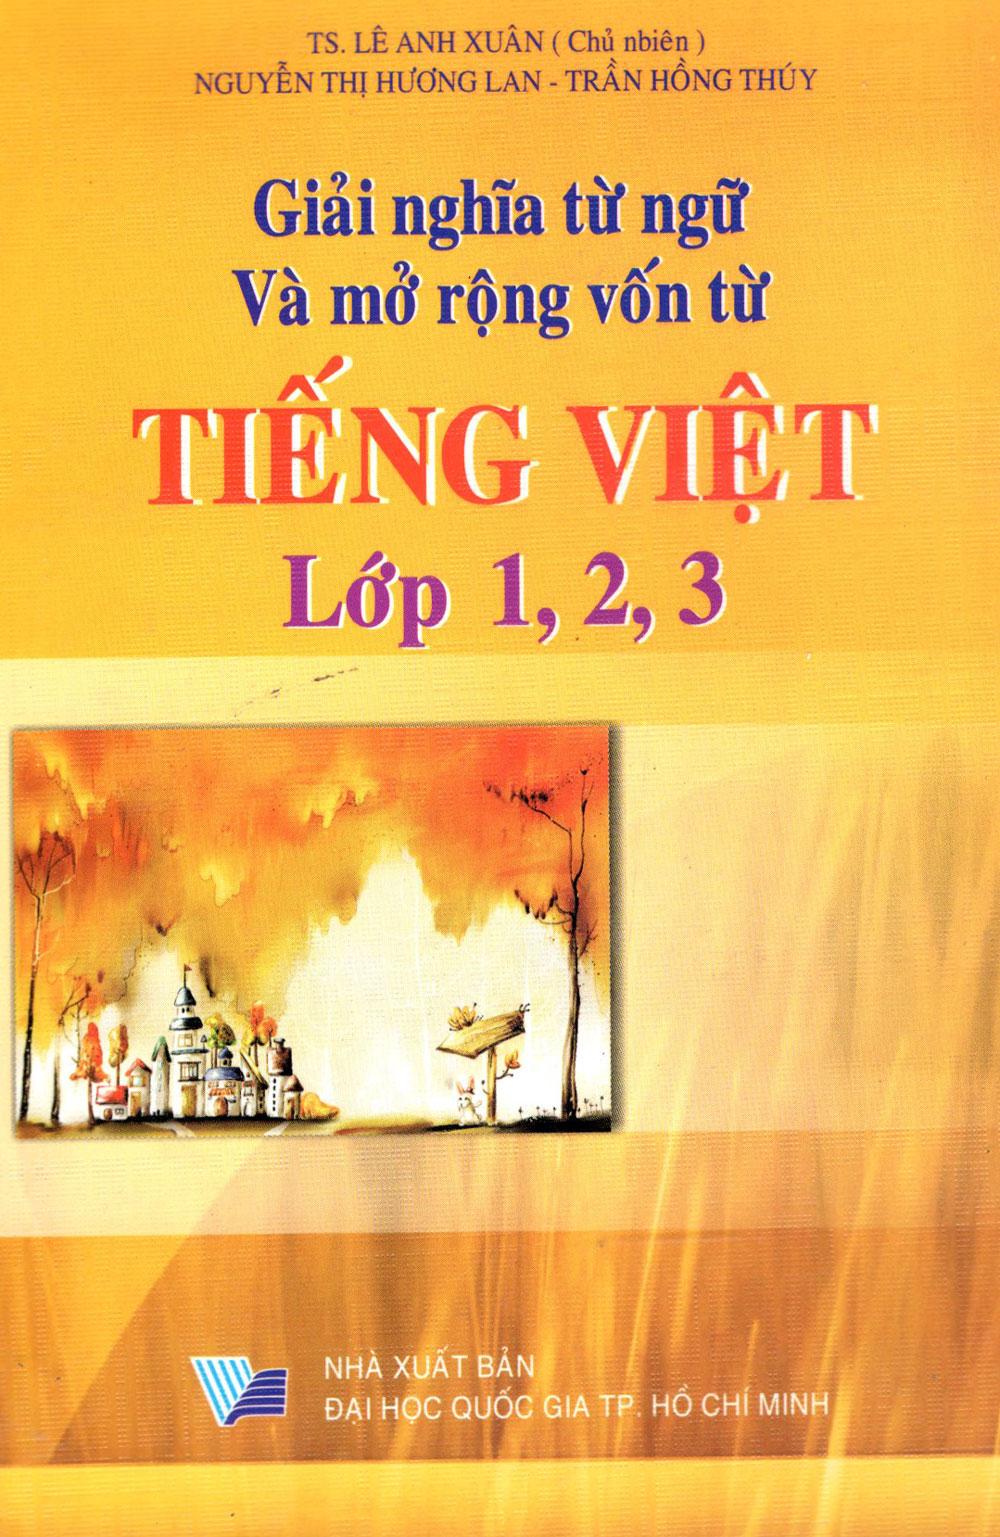 Bìa sách Giải Nghĩa Từ Ngữ Và Mở Rộng Vốn Từ Tiếng Việt Lớp 1, 2, 3